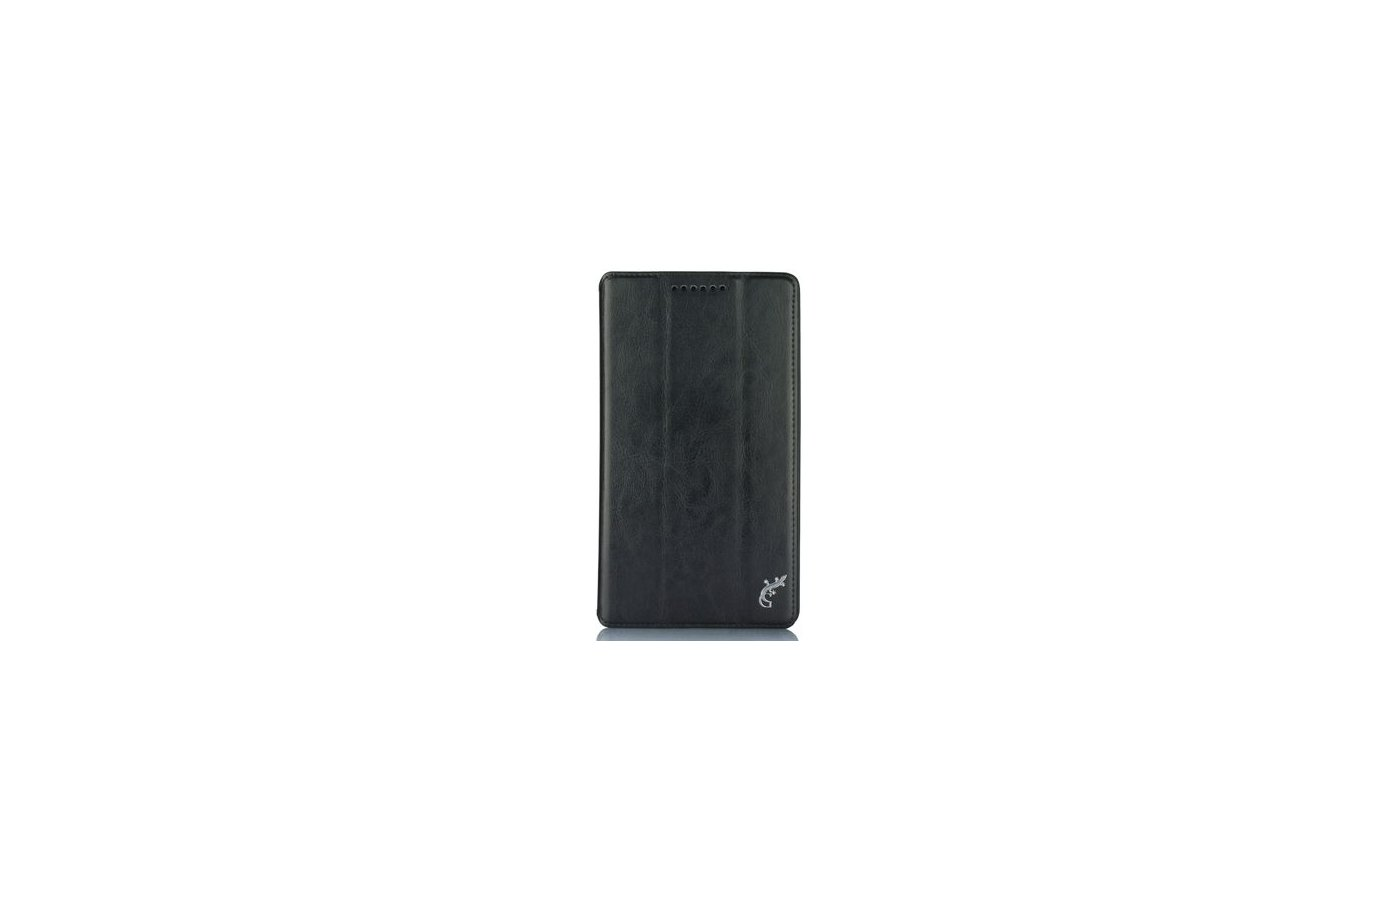 Чехол для планшетного ПК G-Case Executive для Lenovo Tab 2 7.0 (A7-30) чёрный